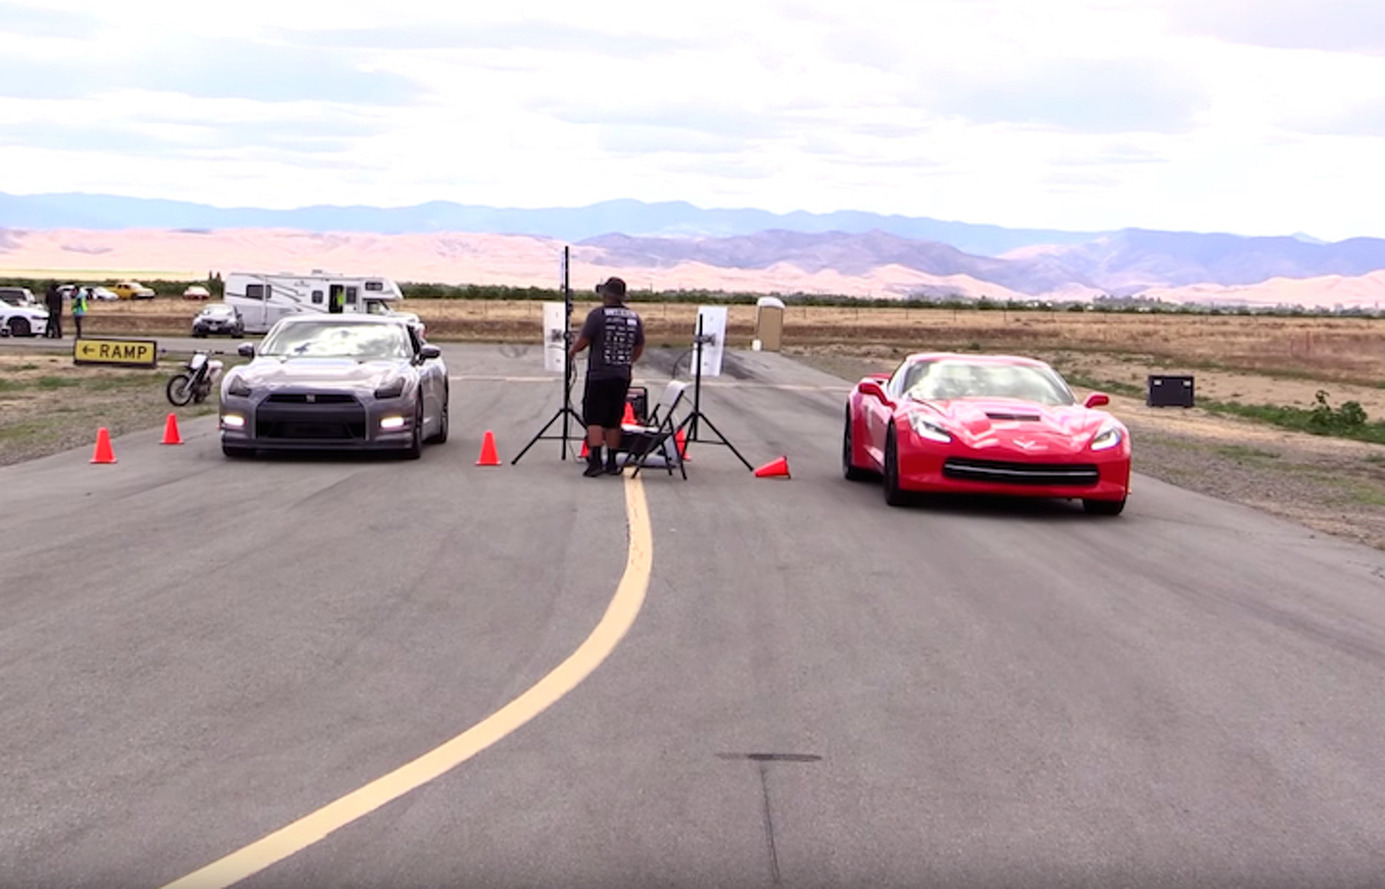 Watch a Nitrous-Wielding Corvette Stingray Chase Down a Nissan GT-R